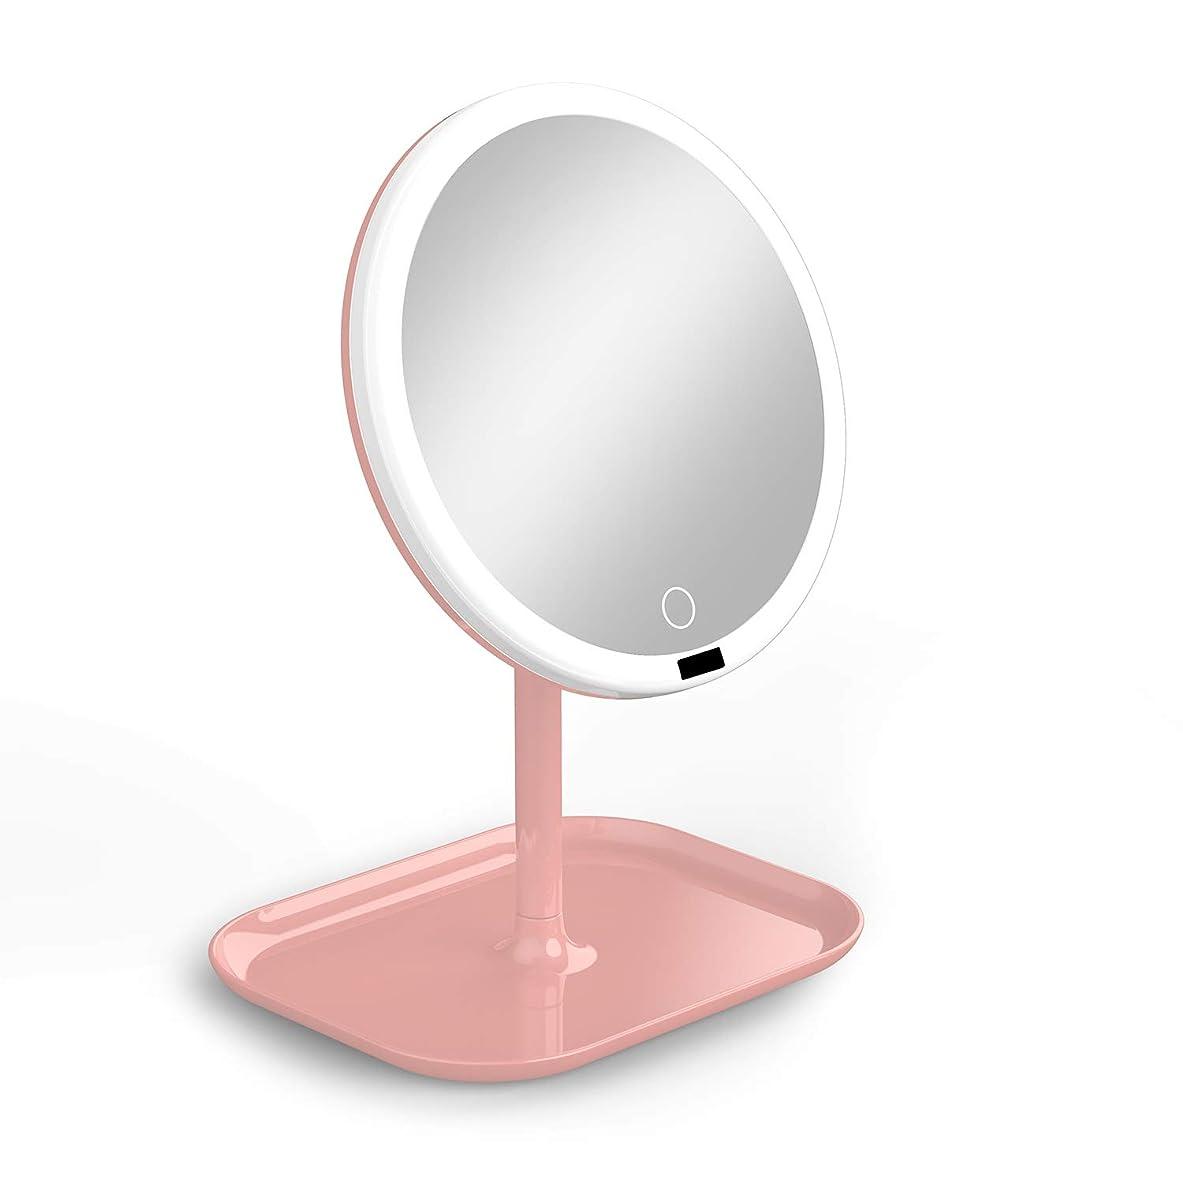 アパート不安定な回復するLa Farah 化粧鏡 化粧ミラー LEDライト付き 卓上鏡 女優ミラー 3段階明るさ調節可能 180度回転 コードレス 充電式 円型